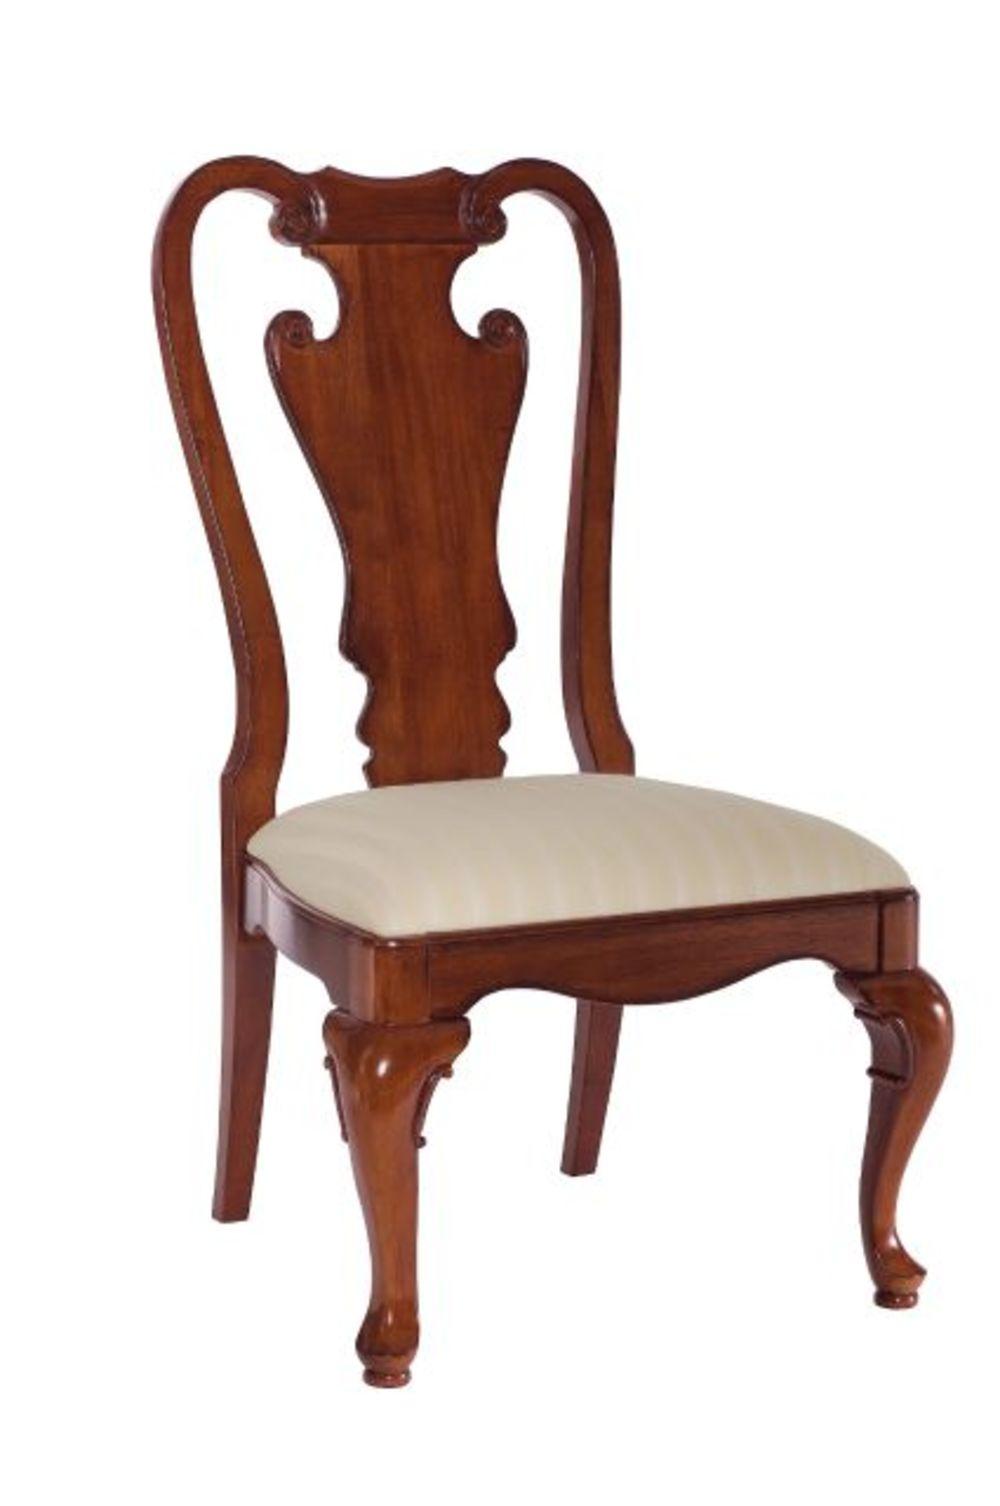 American Drew - Splat Back Side Chair